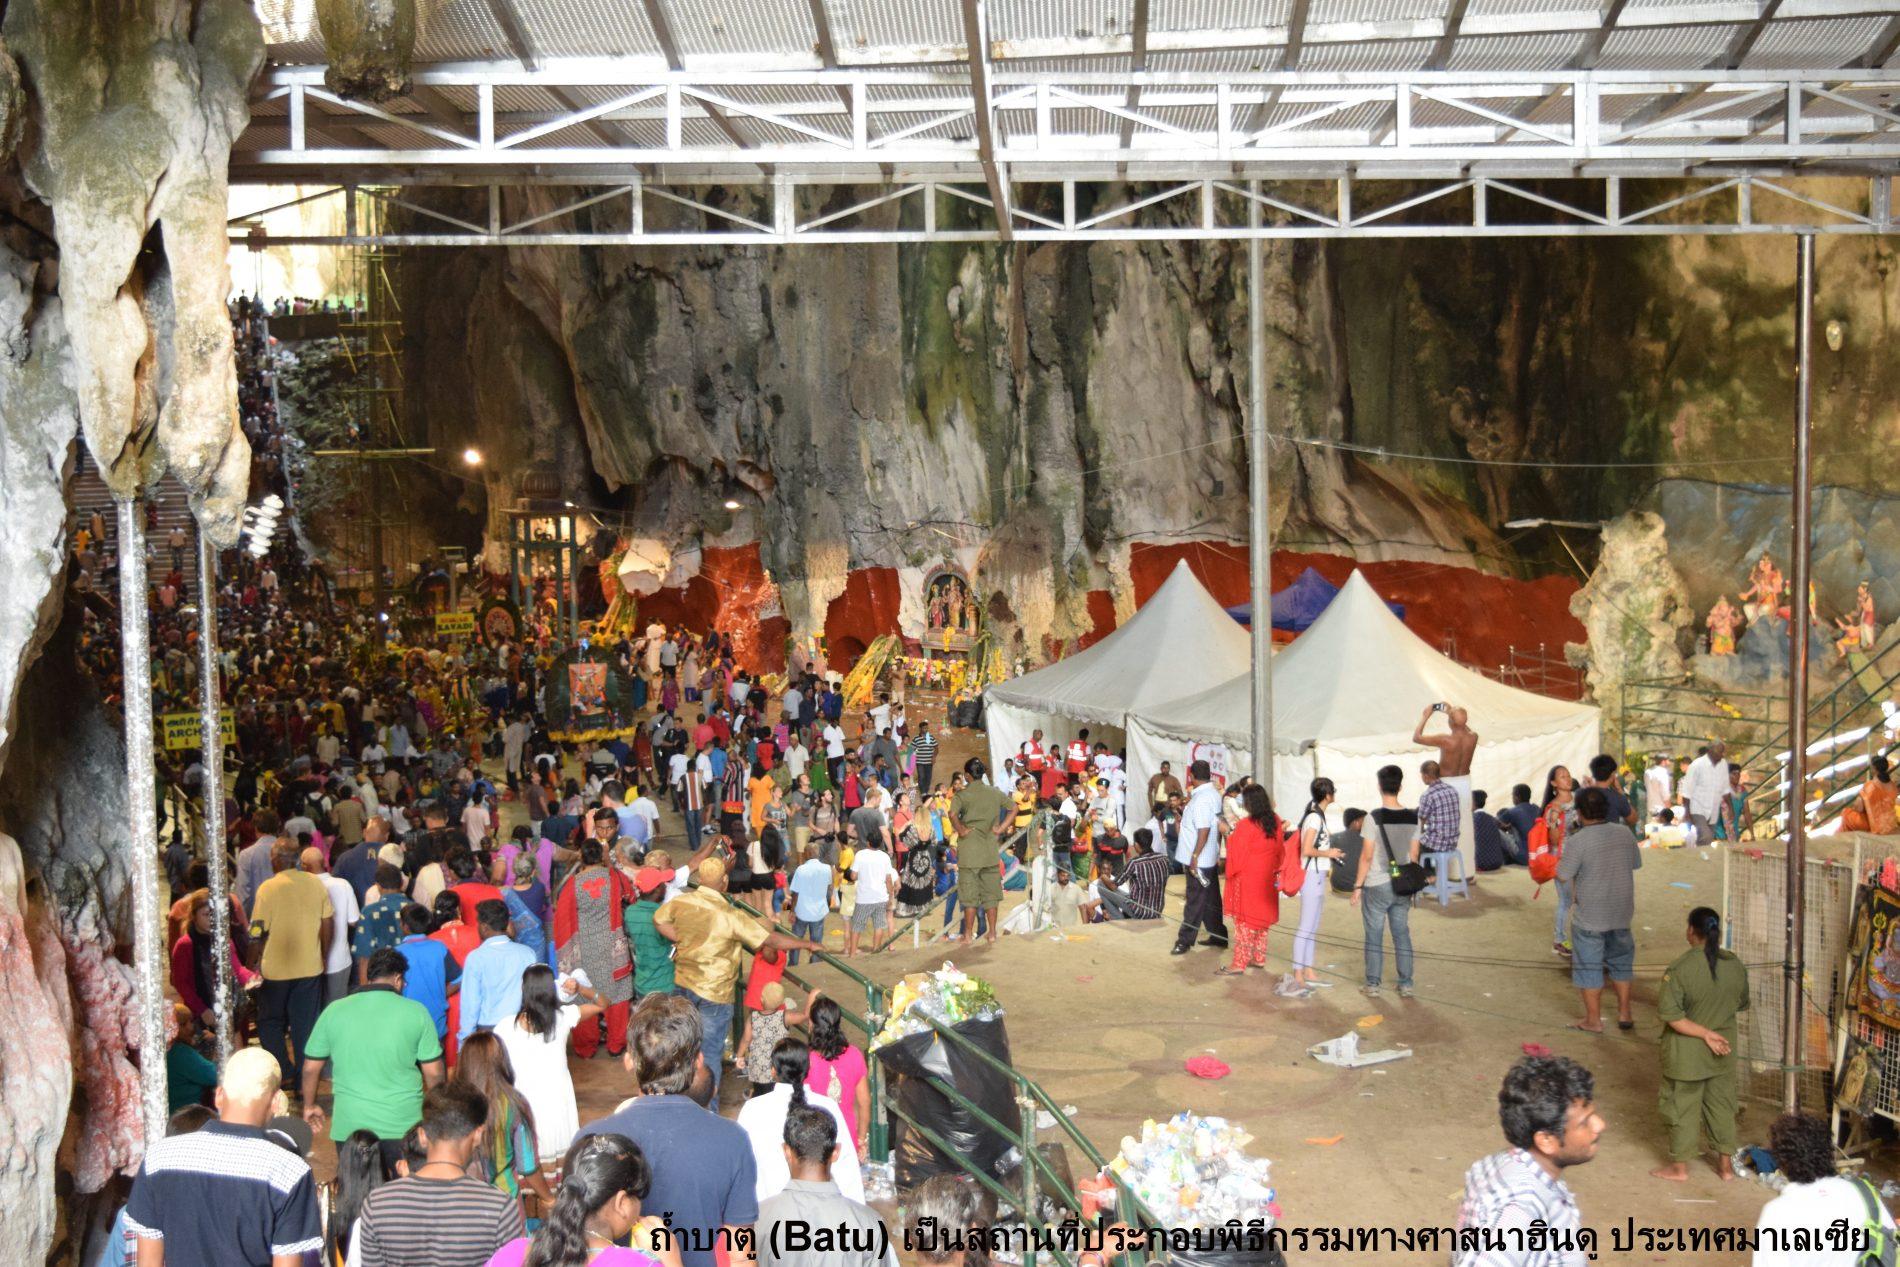 เทศกาลไทปูซัมจัดที่ถ้ำบาตู